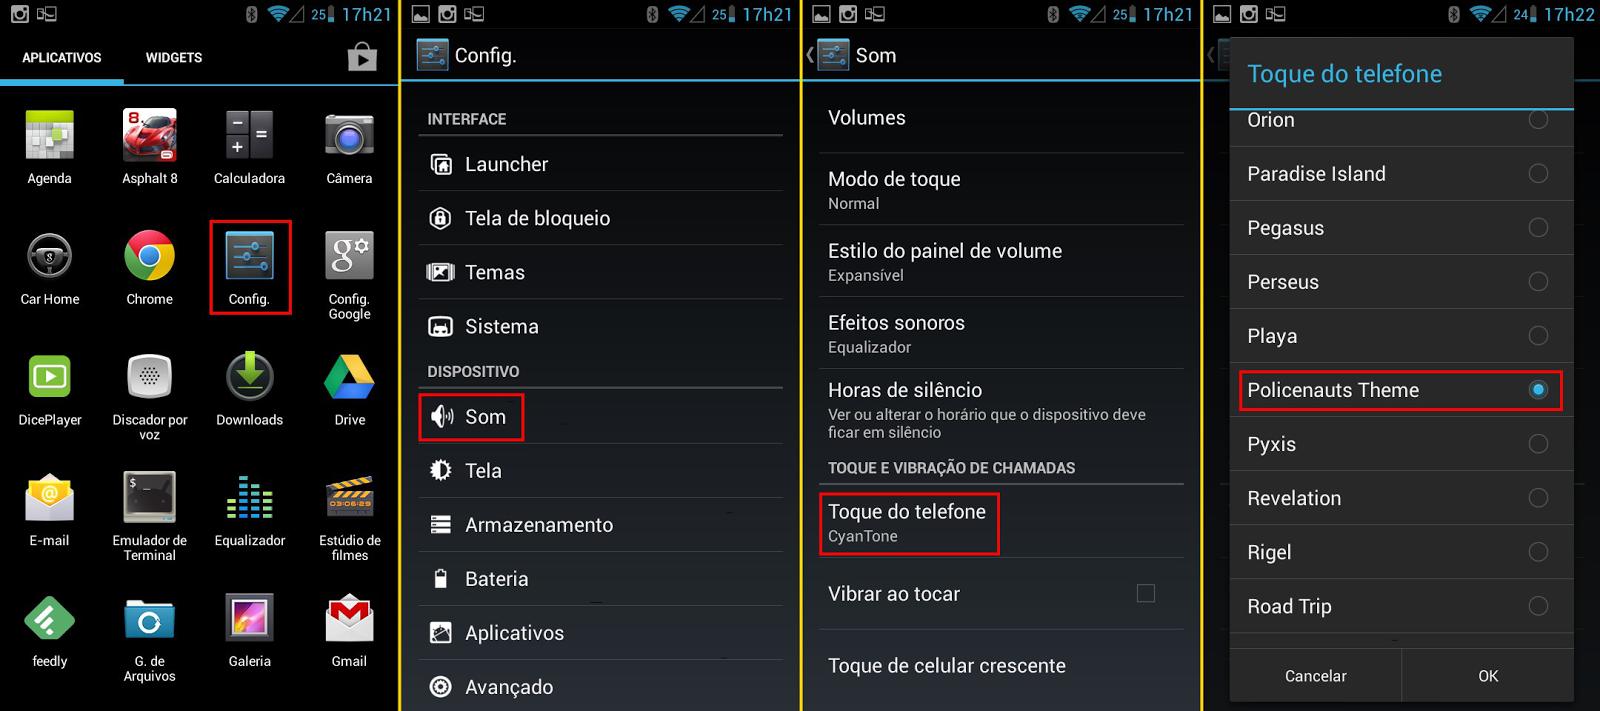 Toque em um smartphone Android - 2160x960